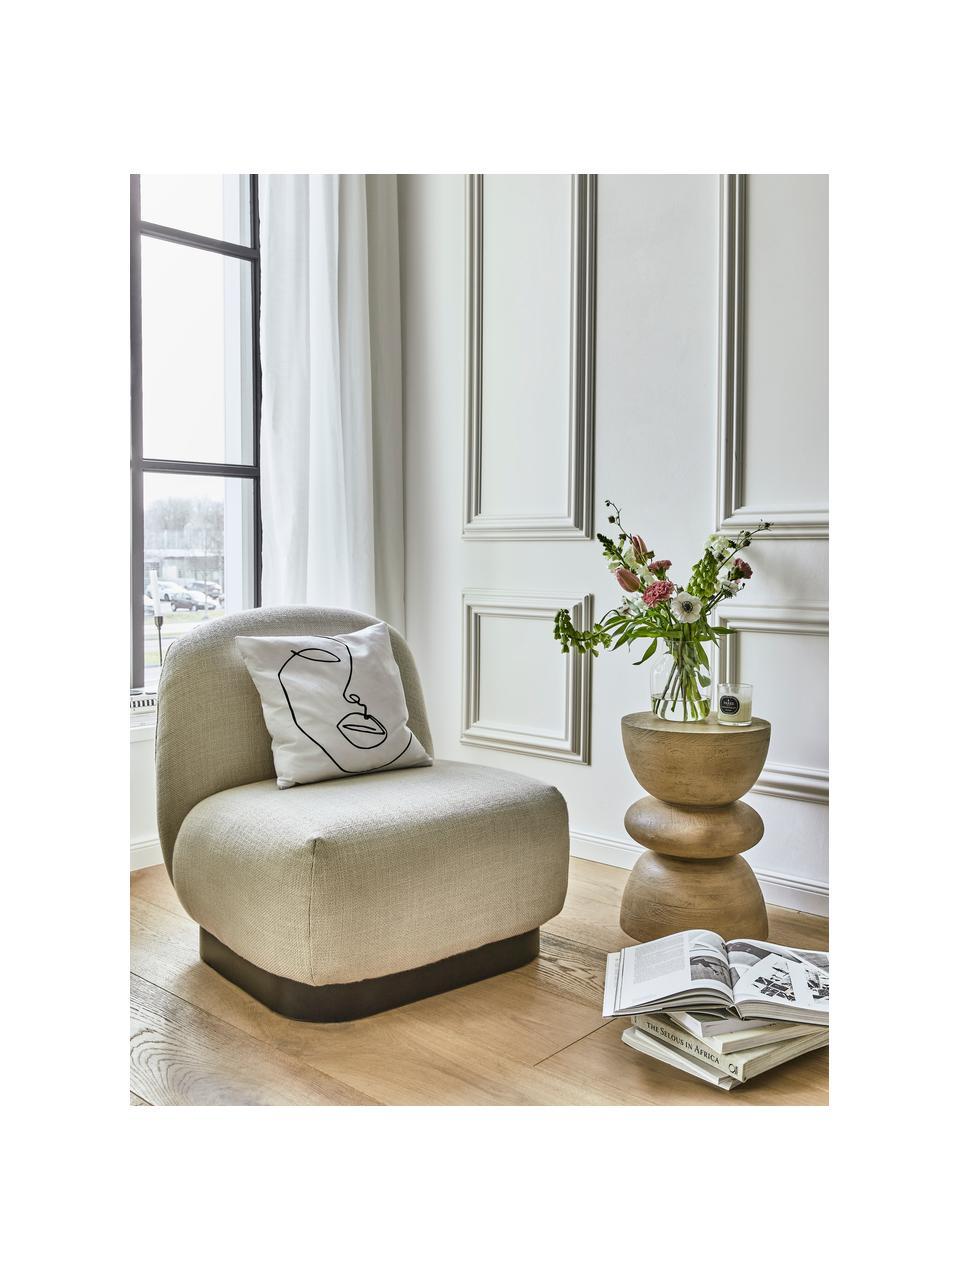 Stolik pomocniczy z drewna mangowego Benno, Lite drewno mangowe, lakierowane, Jasny brązowy, Ø 35 x W 50 cm